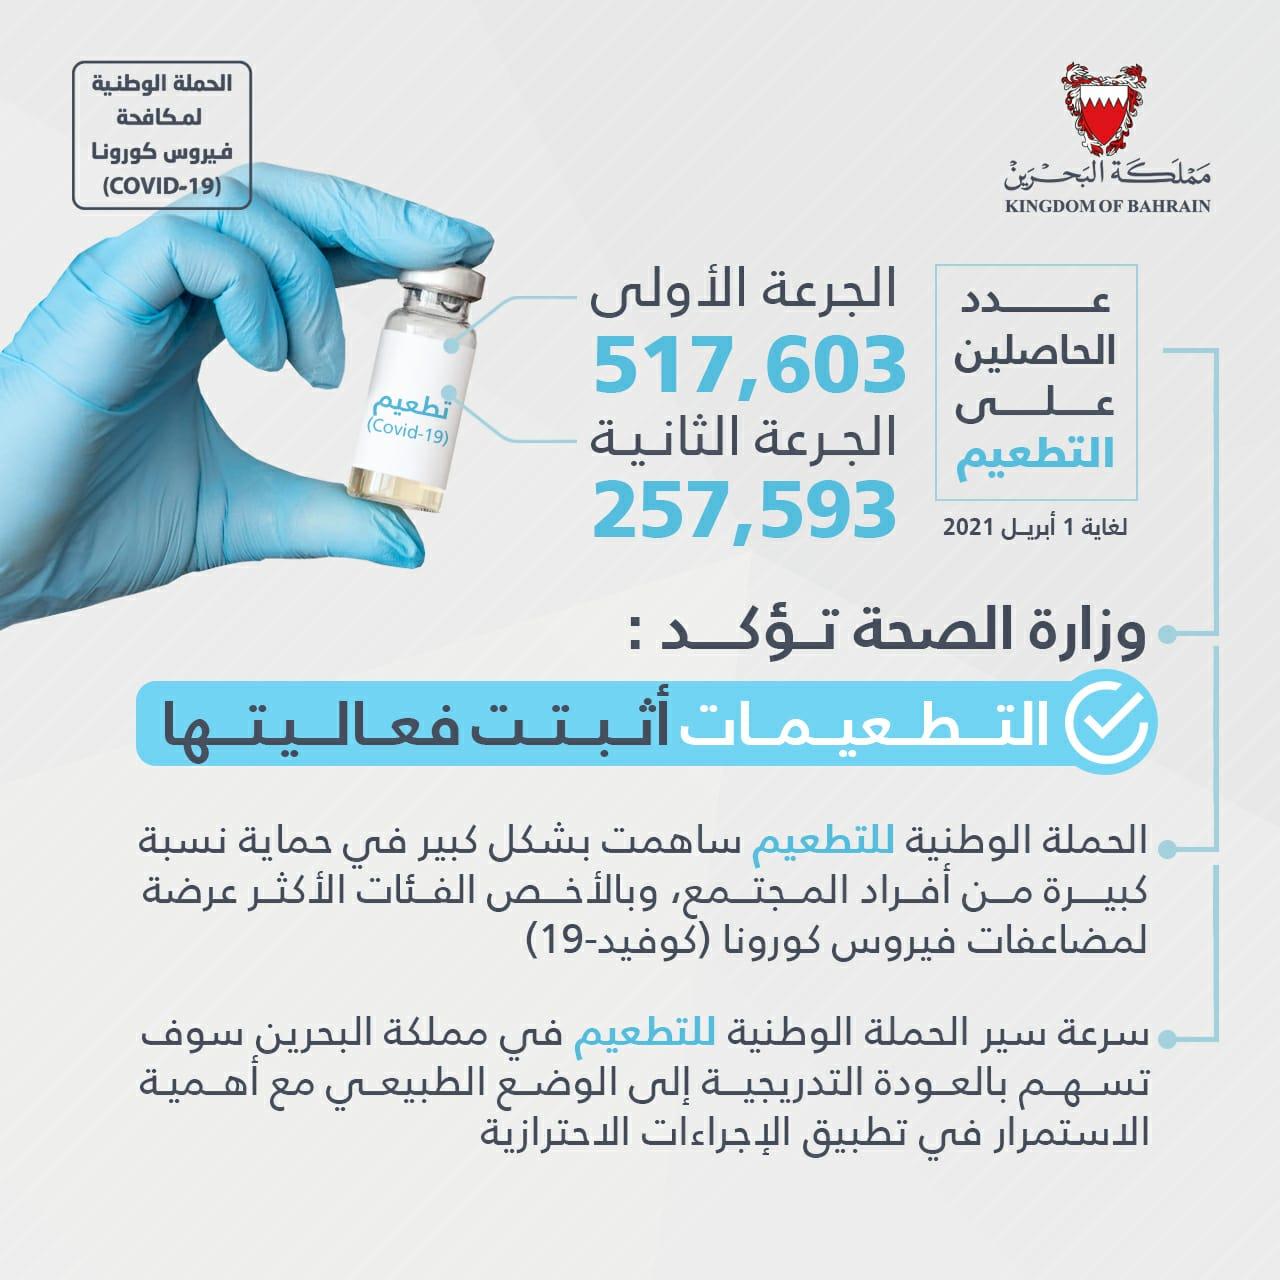 وزارة الصحة: مجموع المتطعمين بالجرعة الأولى من مختلف التطعيمات تجاوز نصف المليون والجرعة الثانية فاق ربع مليون متطعم